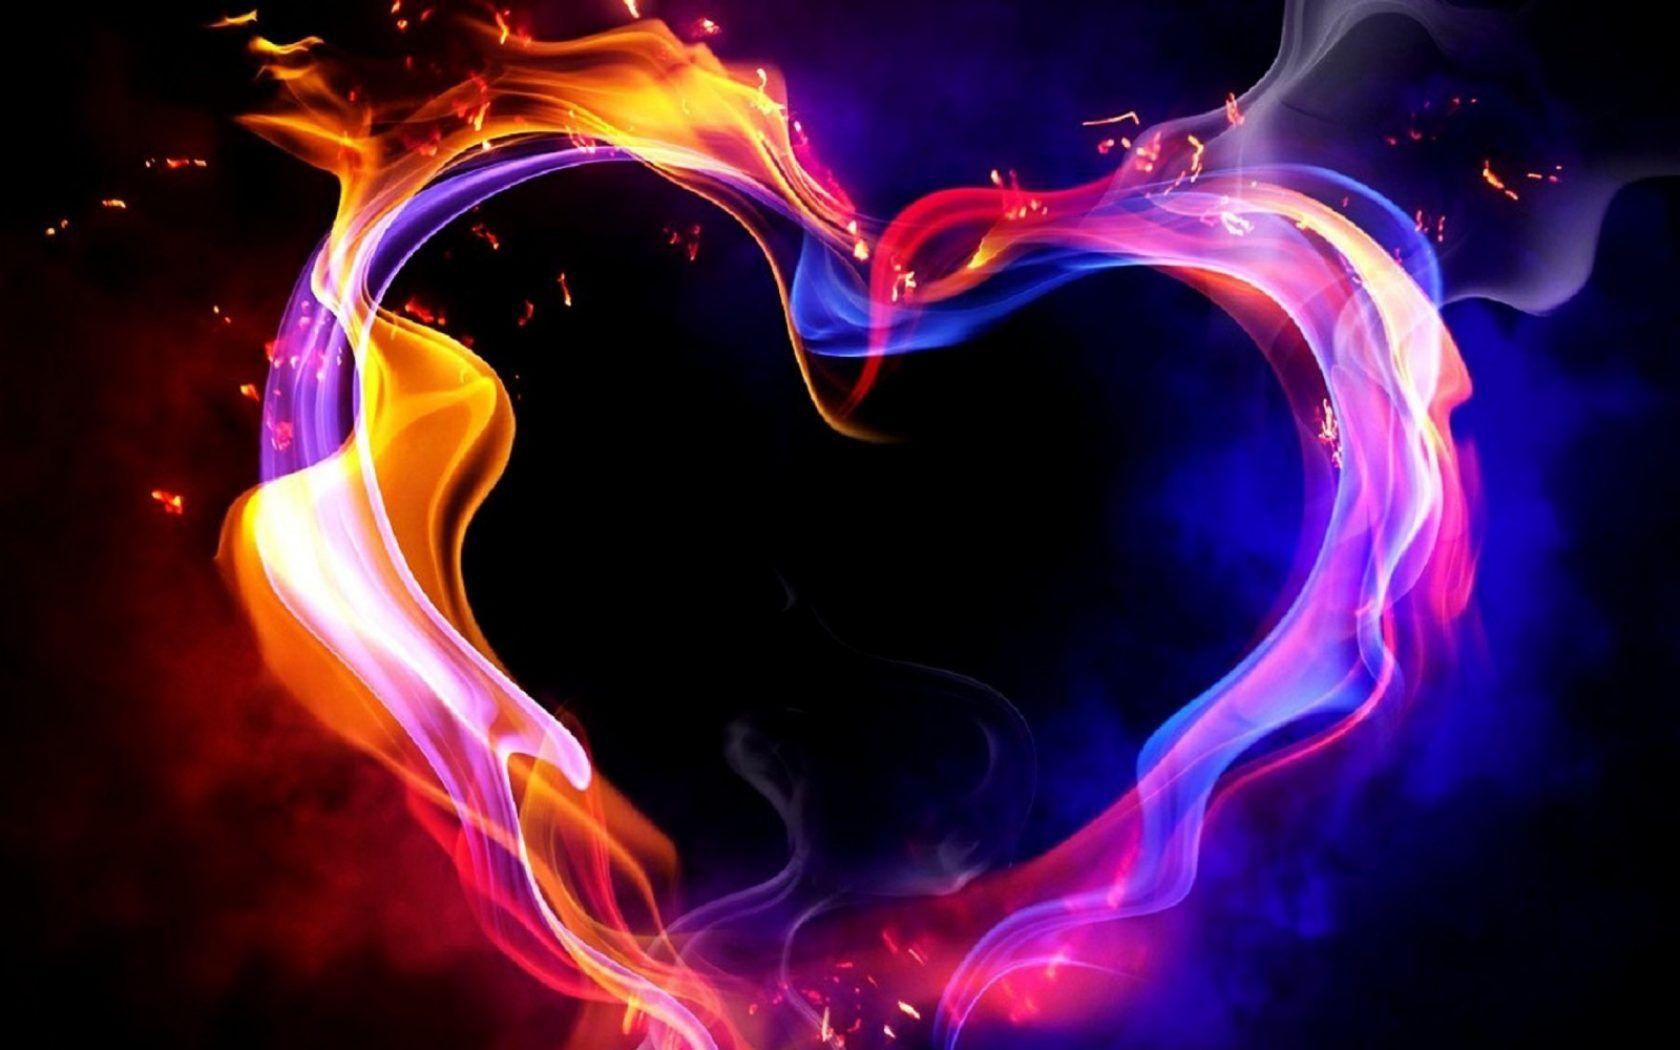 imagenes grandes para fondo de pantalla de corazones en hd